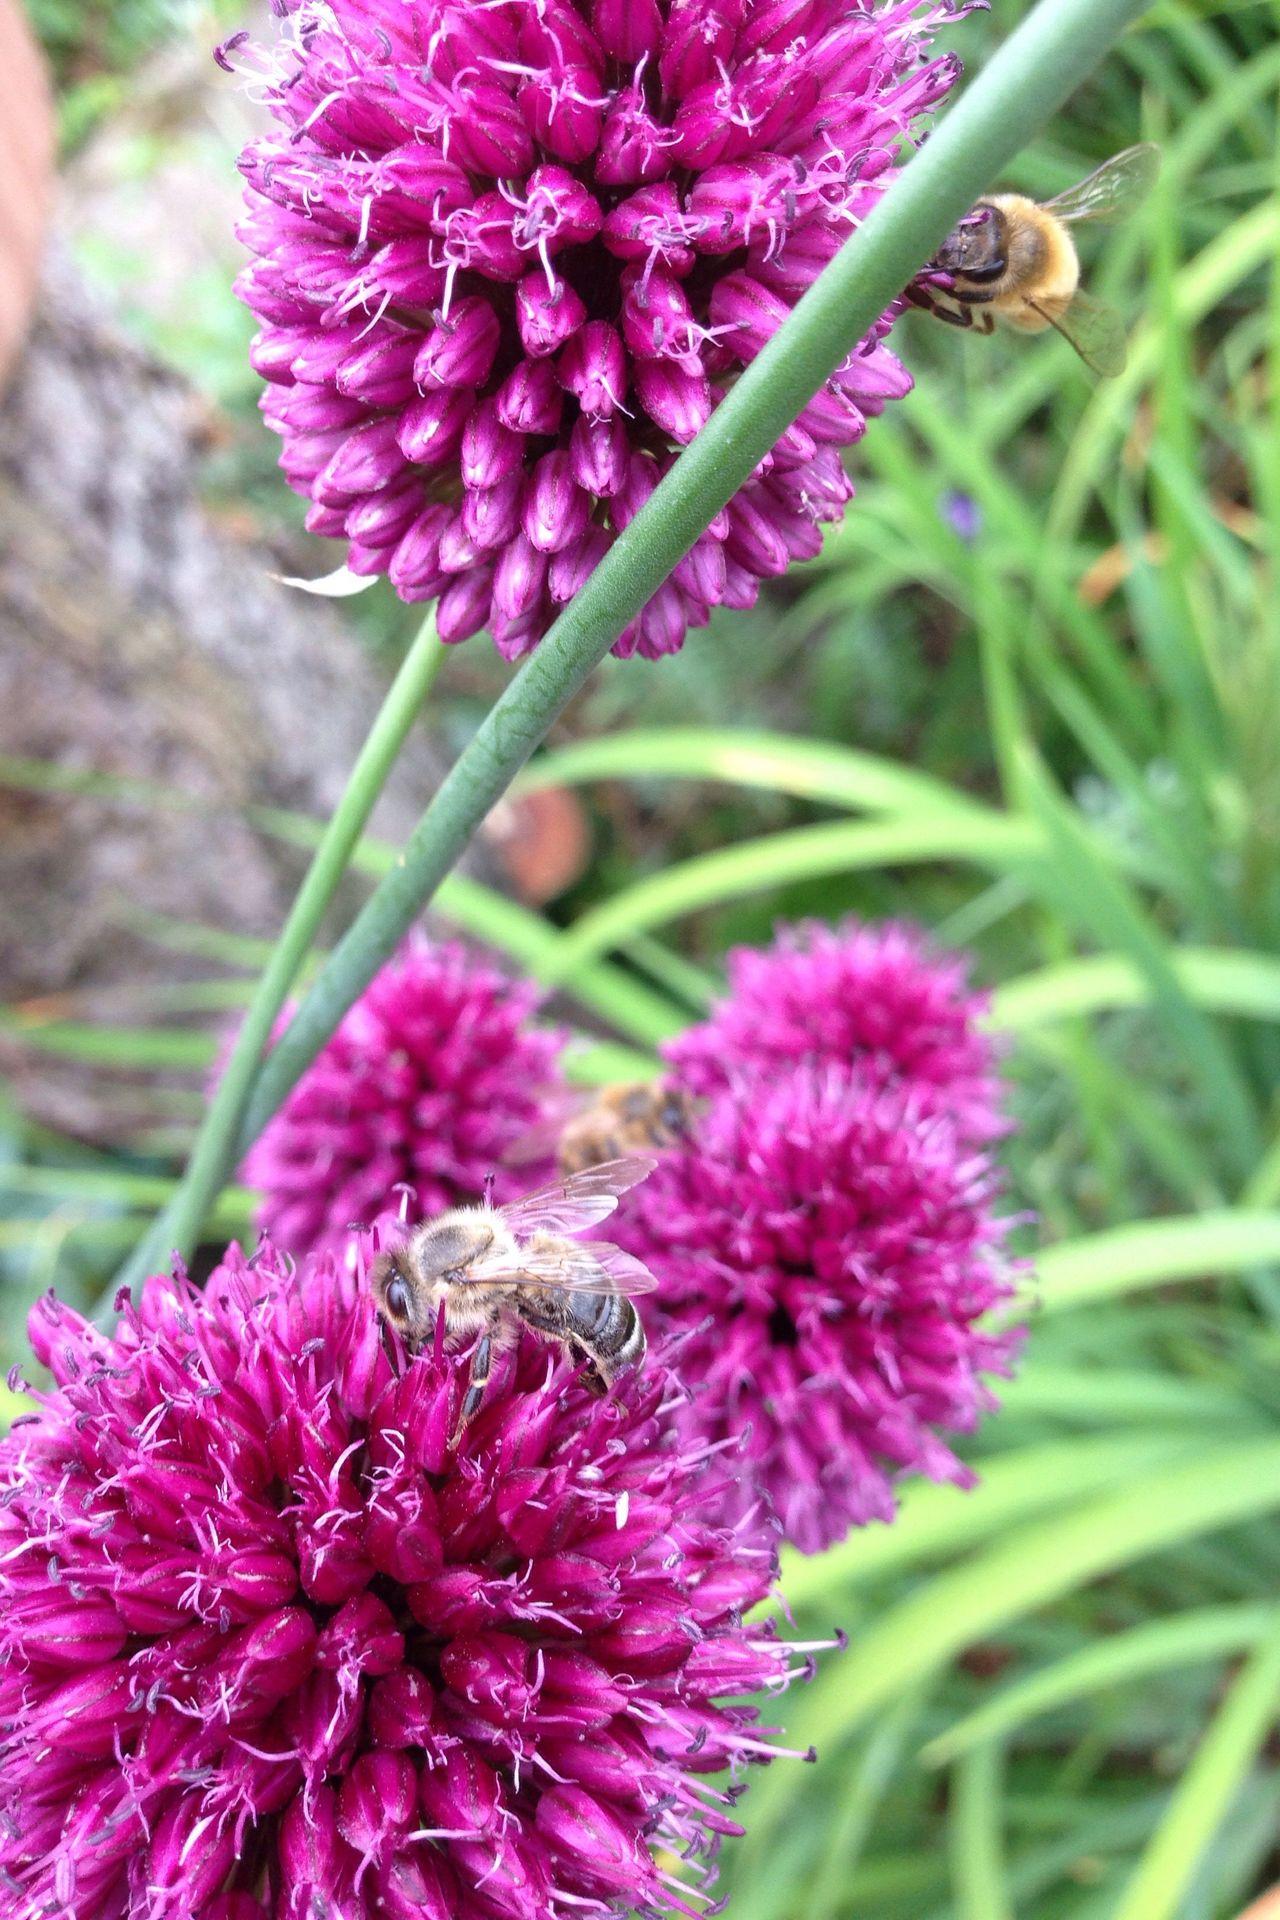 Kugellauch Lauch Zierlauch Garden Photography Garden Bees Bees And Flowers Bee Allium Flower Allium Sphaerocephalon Garten Pflanze Natur Bienen  Biene Bienen Bei Der Arbeit Wildbienen Wildbiene Wildbee